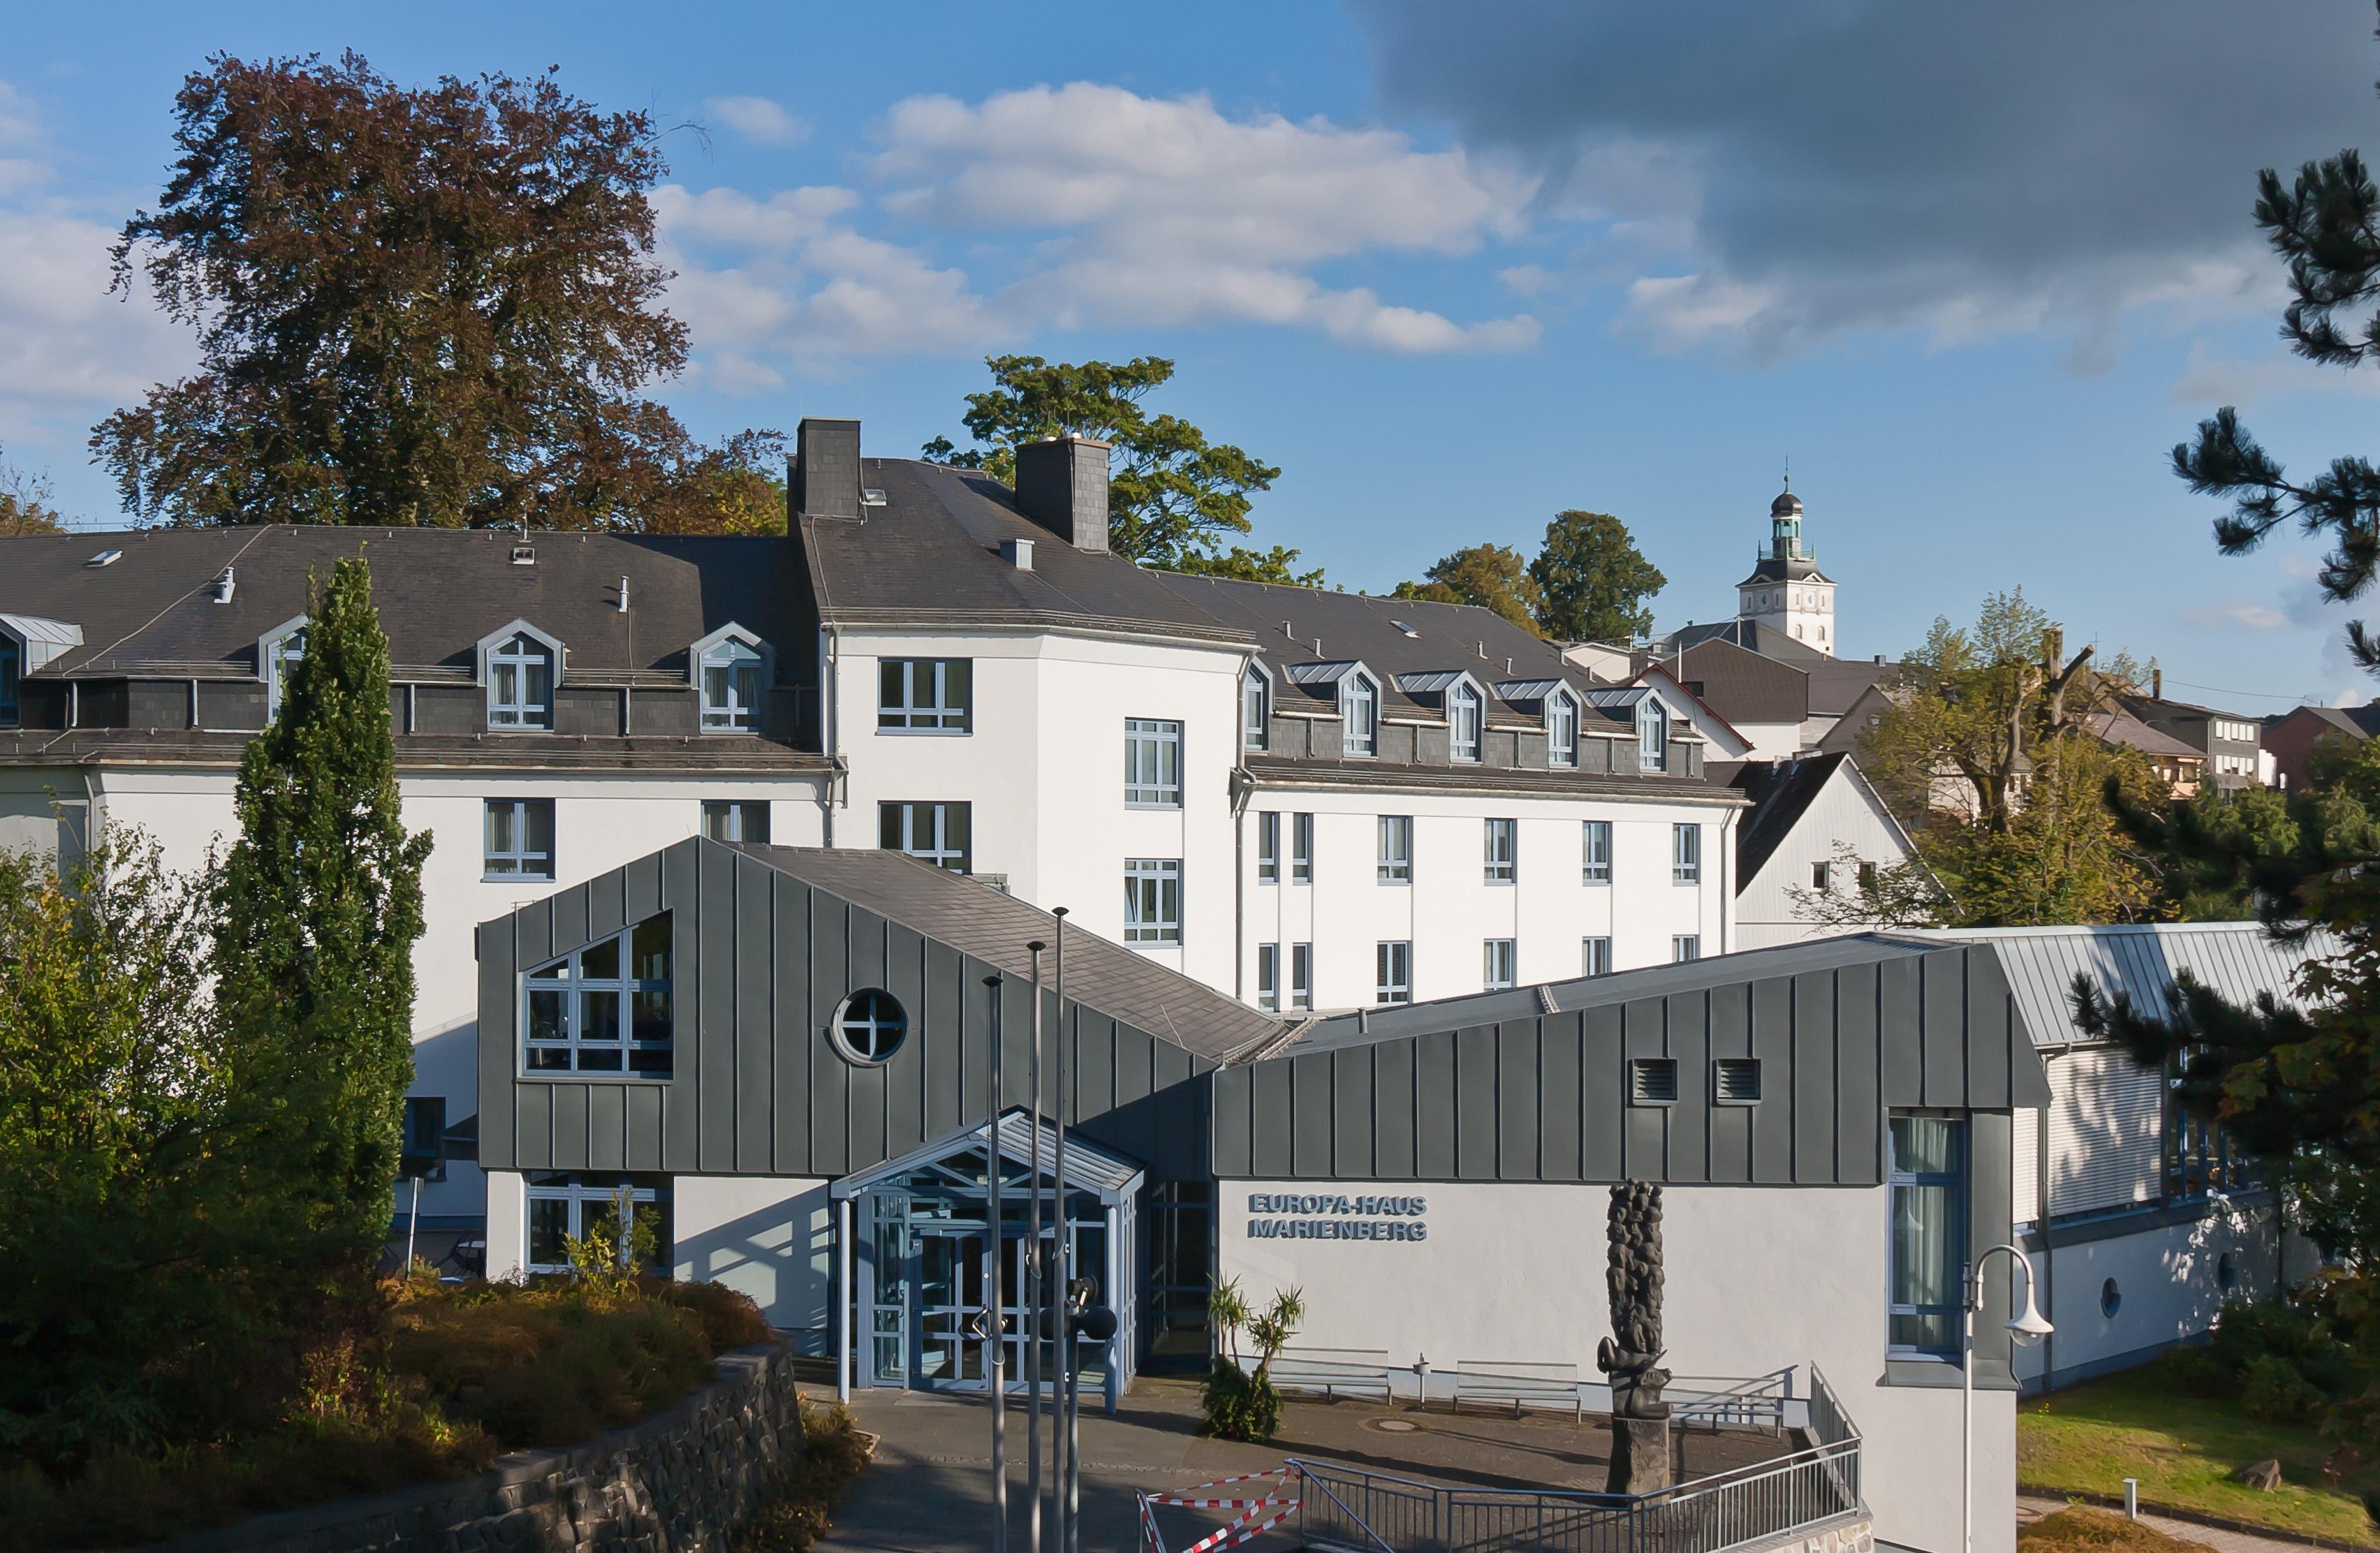 Enkelt Bad Marienberg